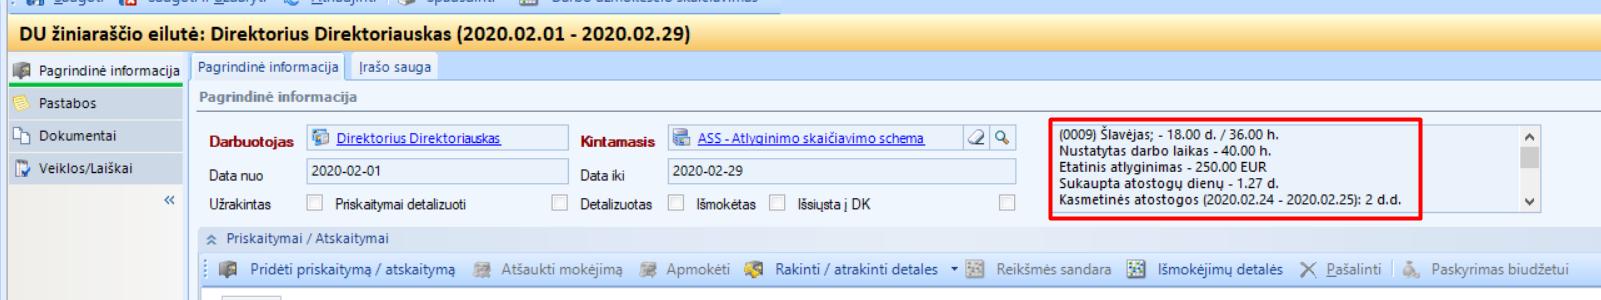 prekybos įrašų informacijos valdymo sistema)